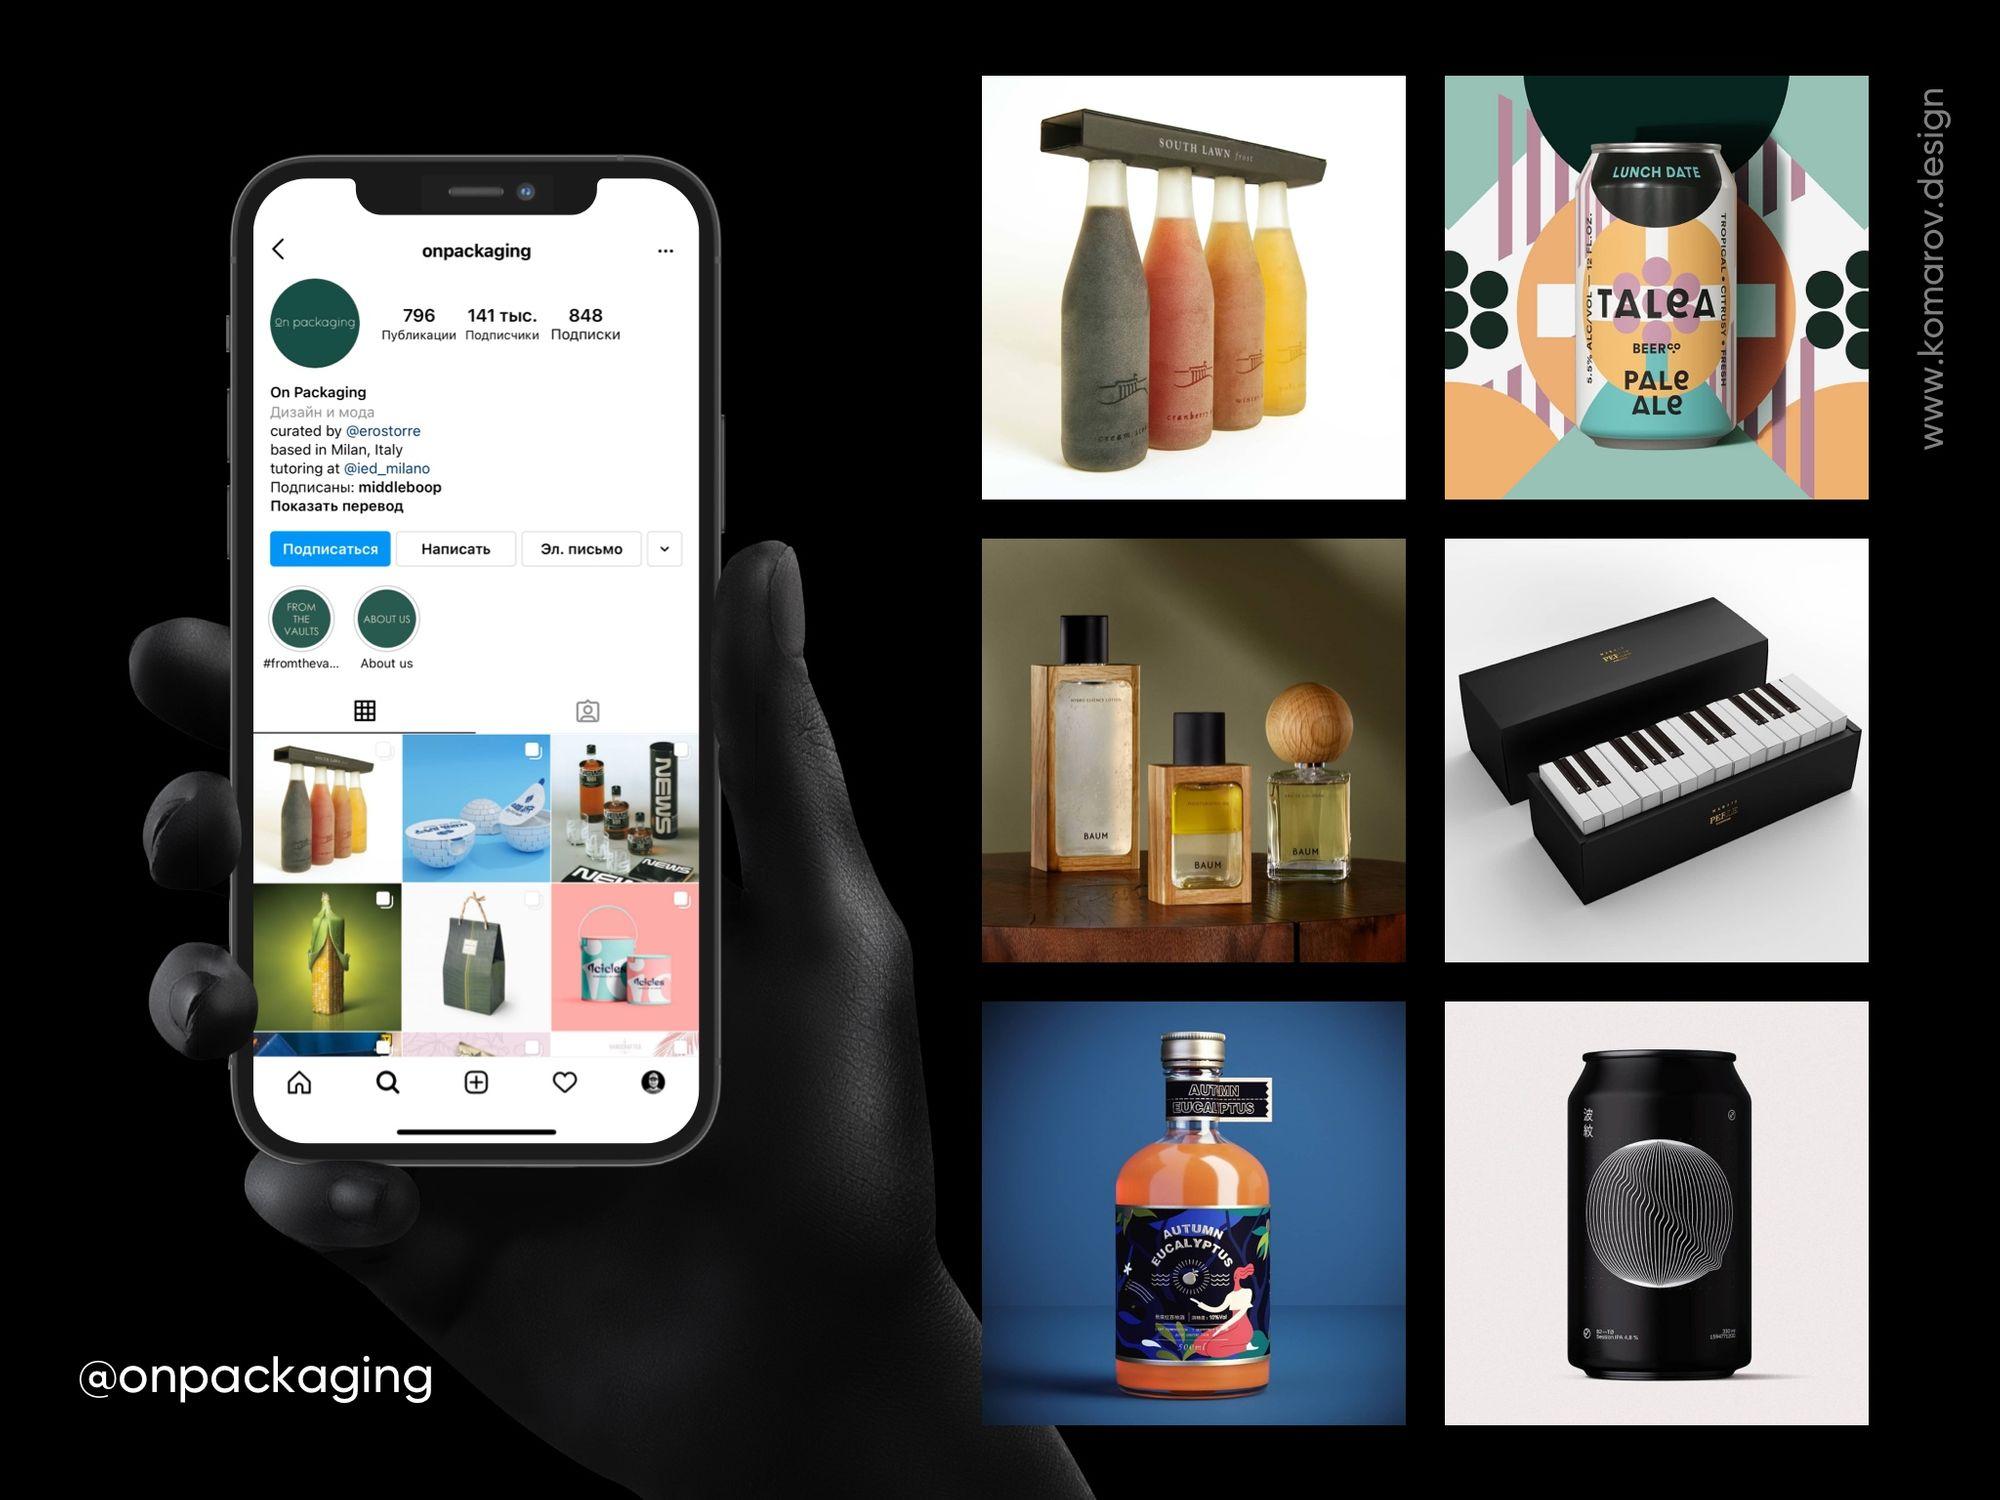 Инстаграм-аккаунт с красивыми упаковками продуктов